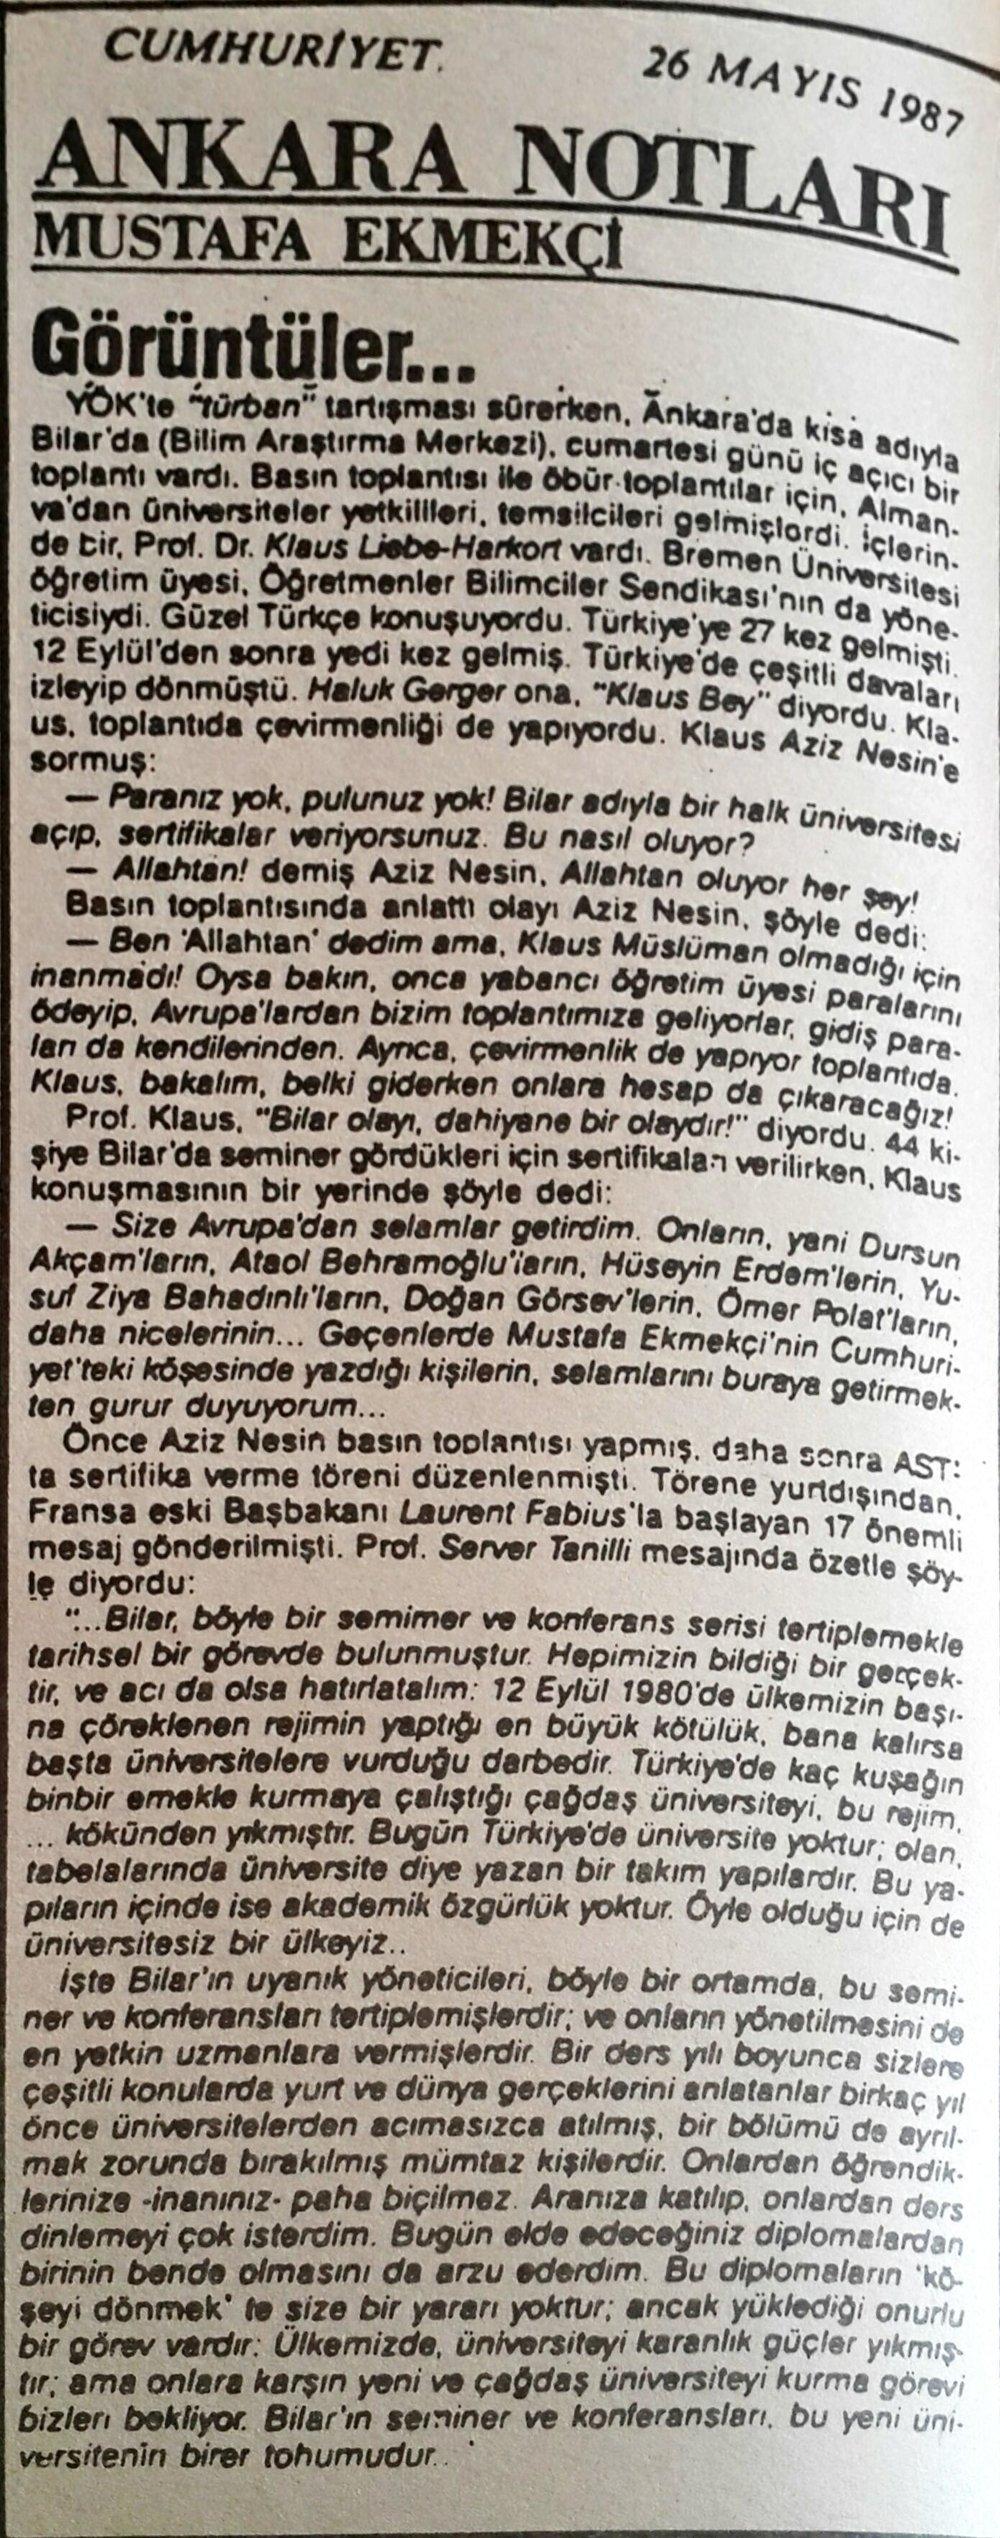 1987_cumhuriyet_mezuniyet-yazisi.jpg